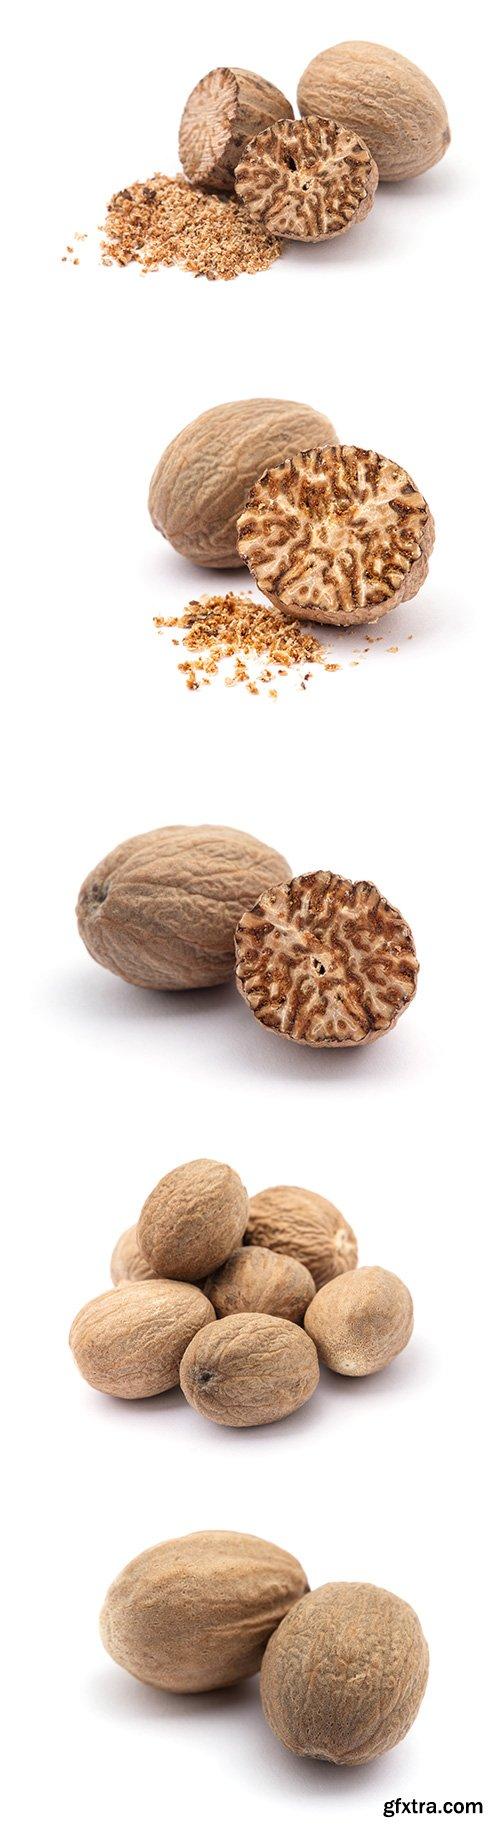 Nutmeg Isolated - 5xJPGs